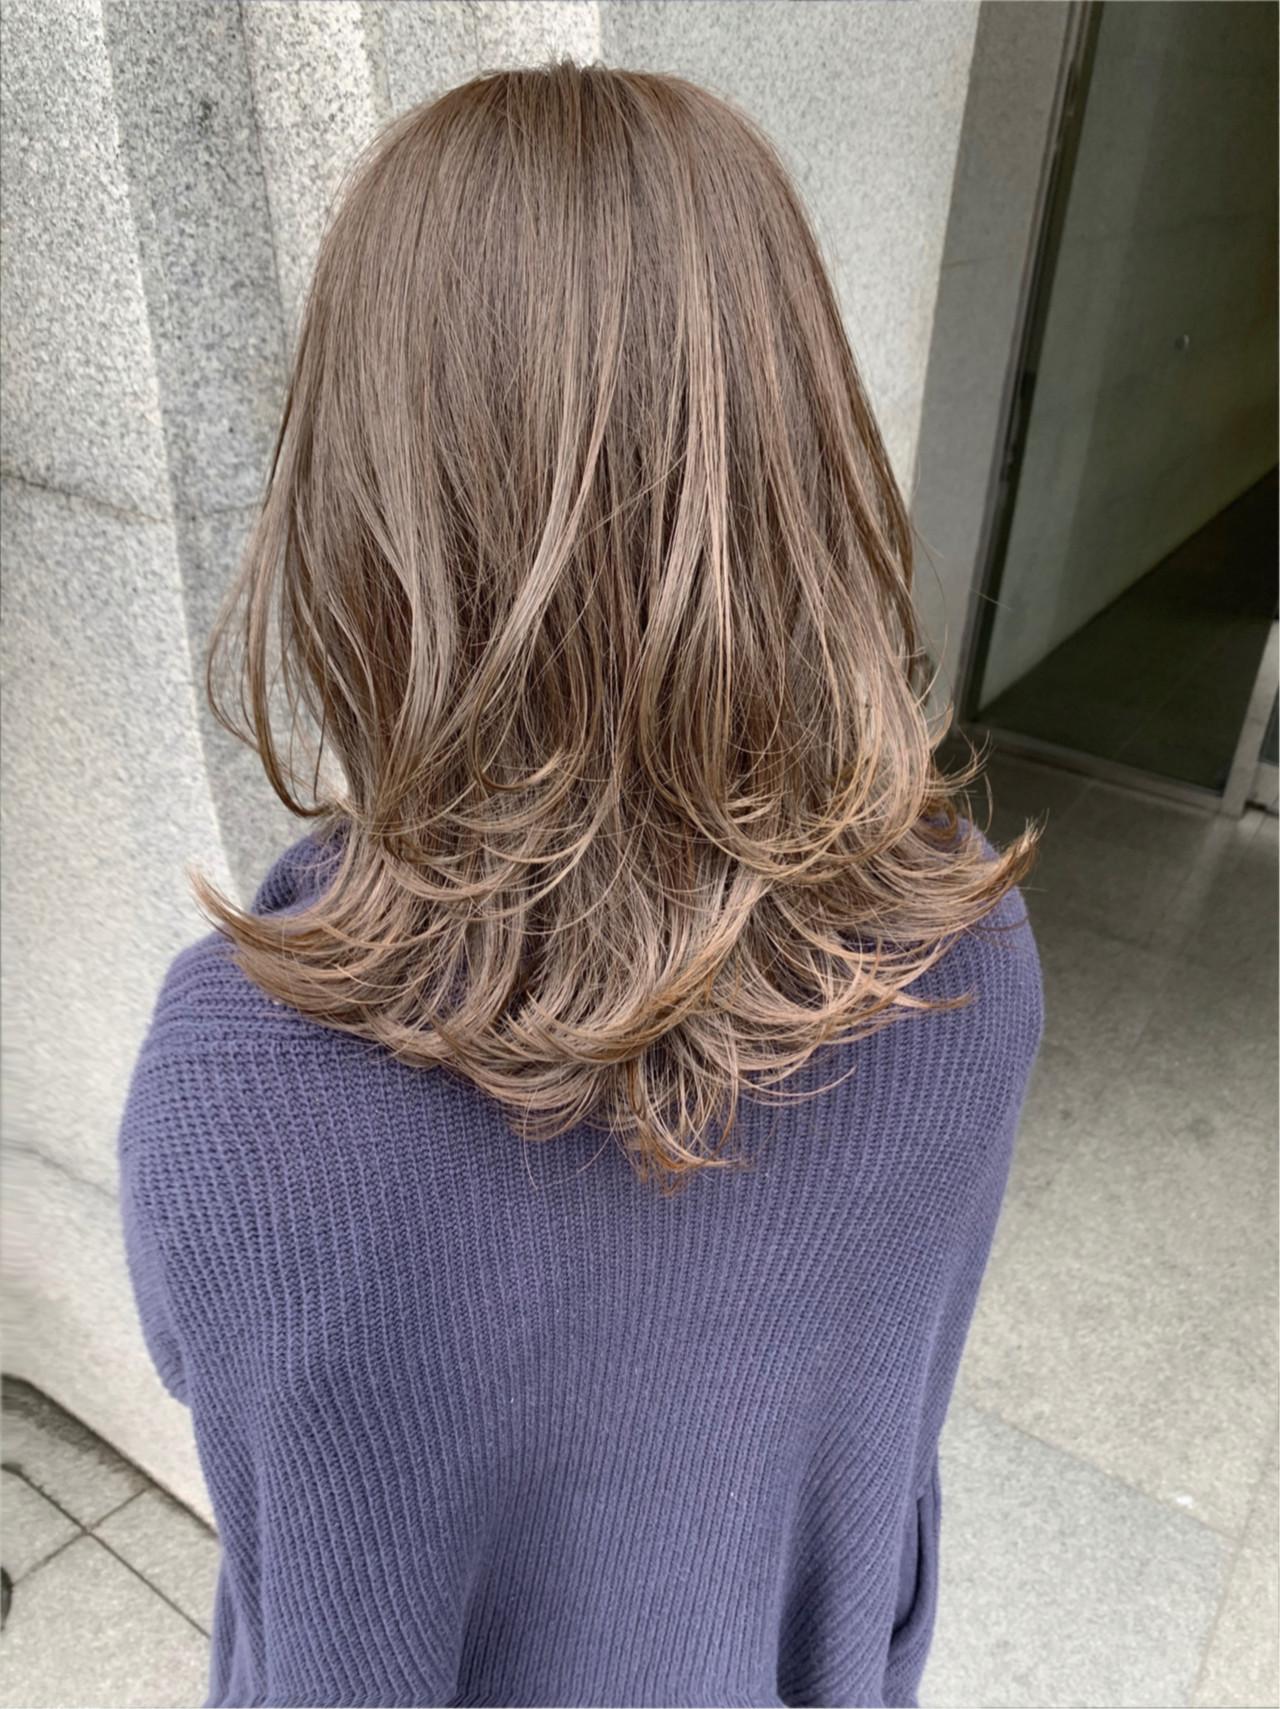 ベリーショート ショートヘア ミディアム ショートボブ ヘアスタイルや髪型の写真・画像 | 贄田清也 / Roamer